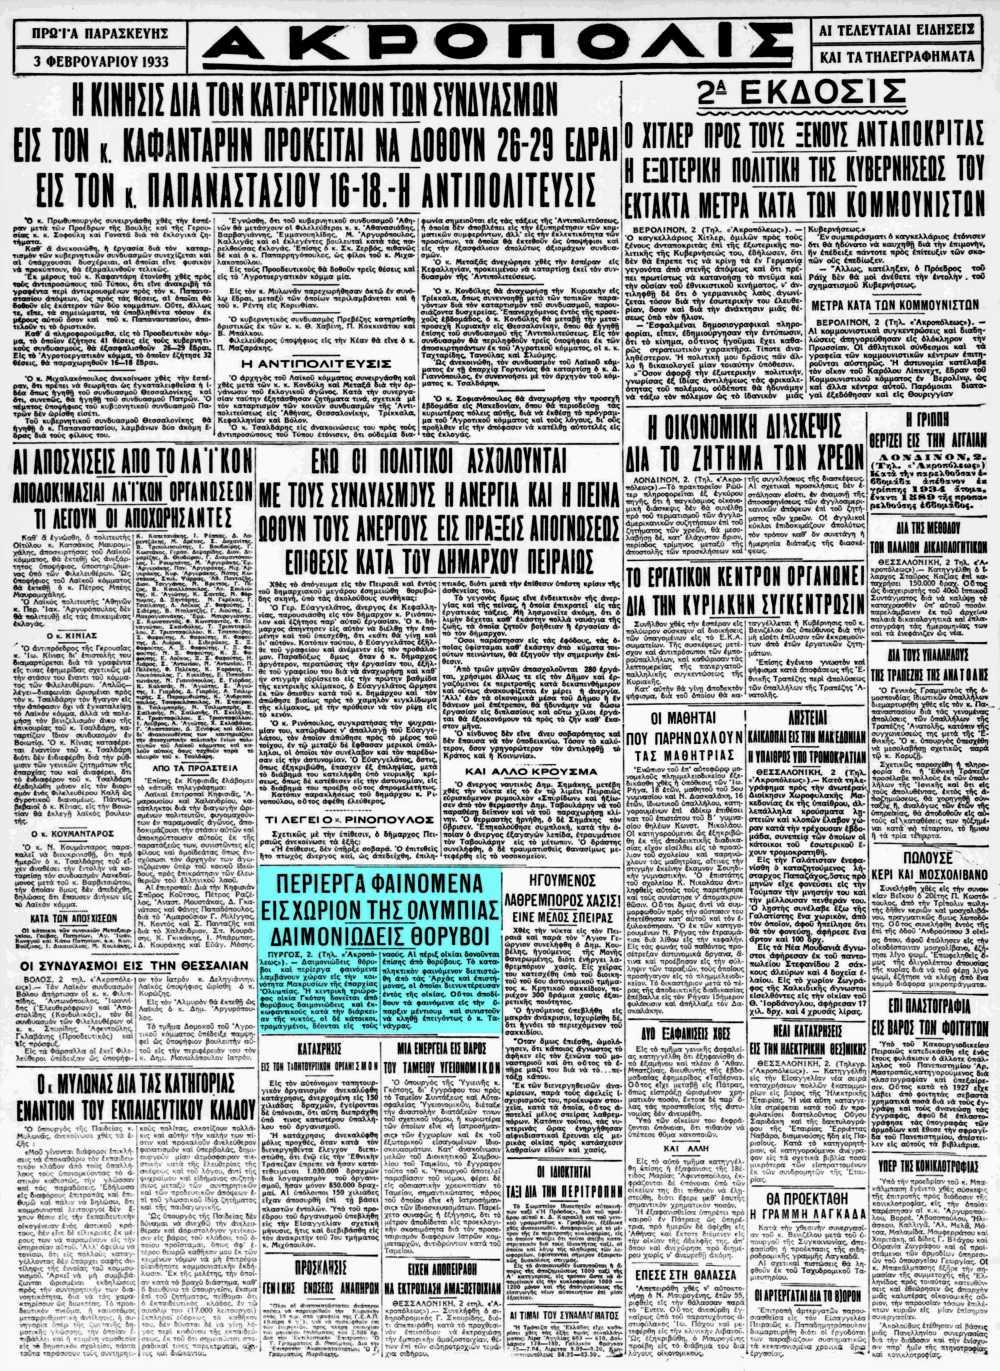 """Το άρθρο, όπως δημοσιεύθηκε στην εφημερίδα """"ΑΚΡΟΠΟΛΙΣ"""", στις 03/02/1933"""